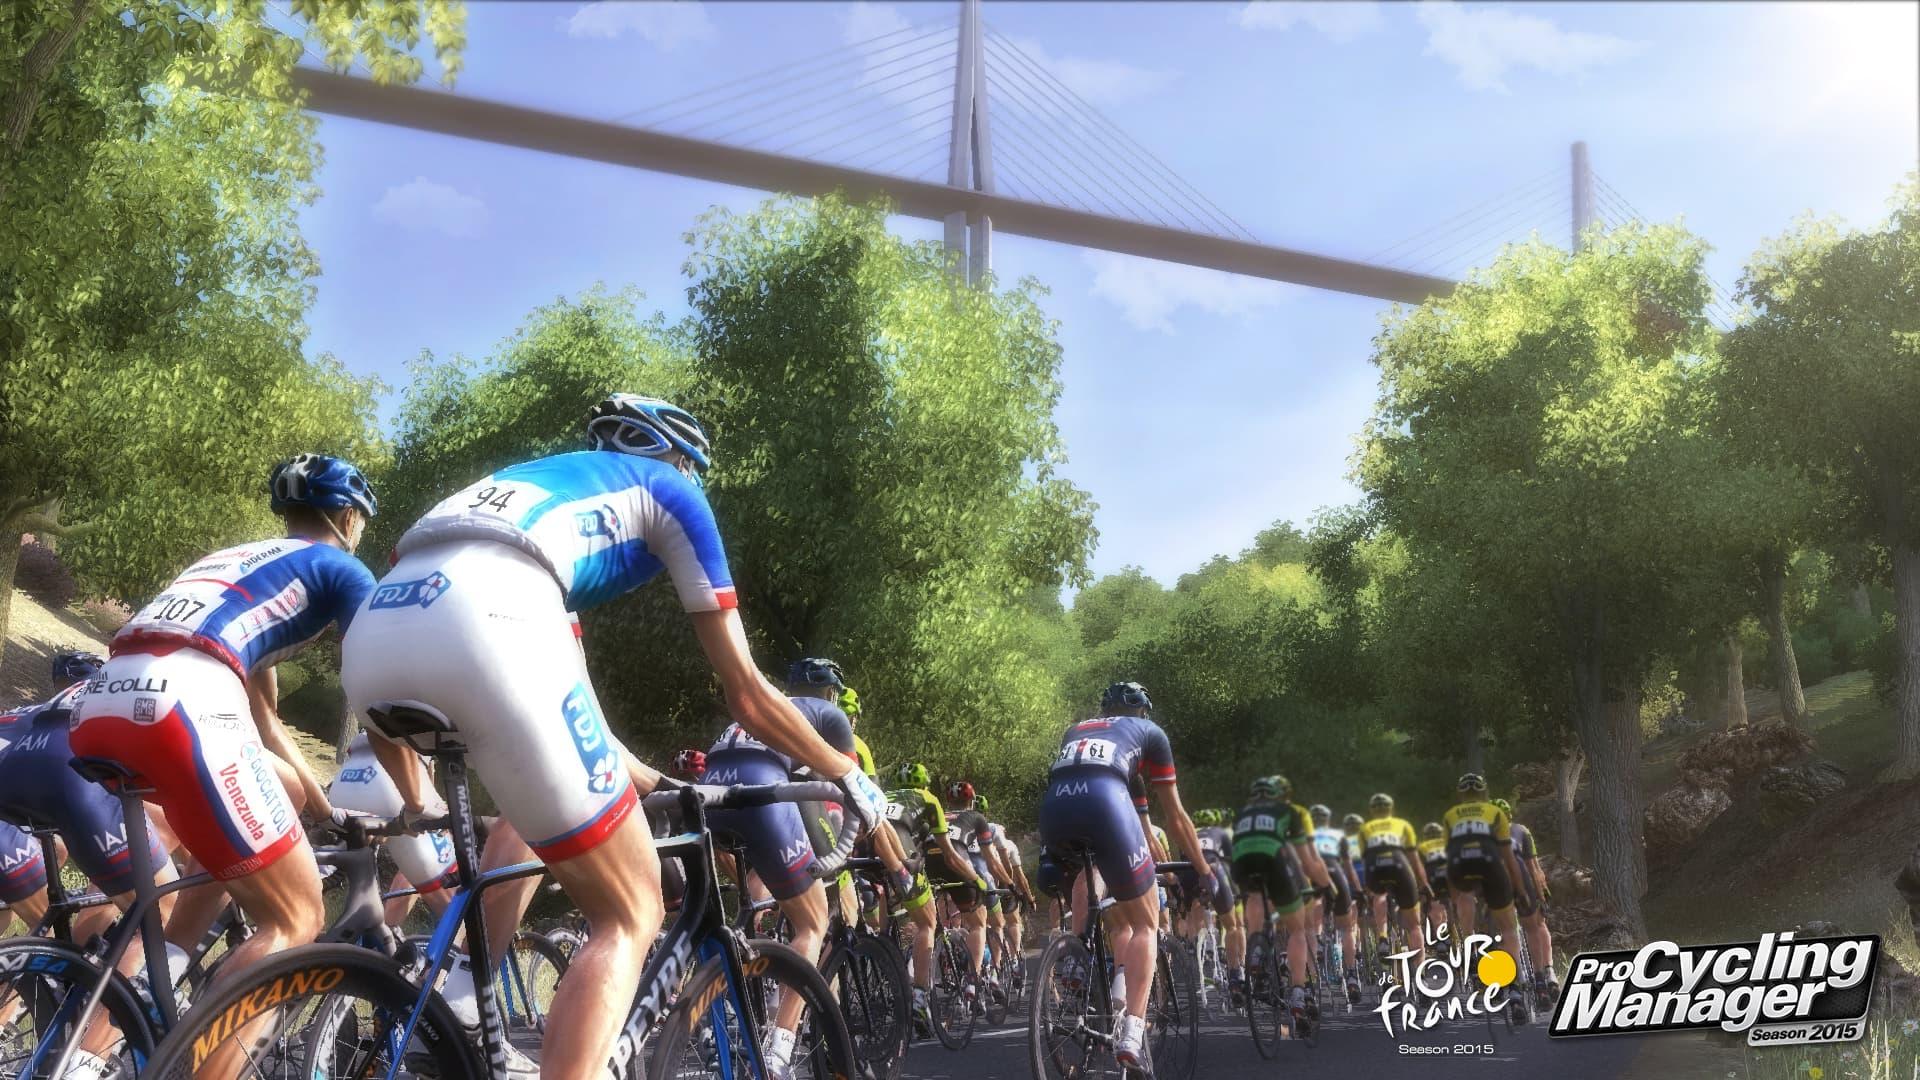 Le Tour de France 2015 - Image n°6